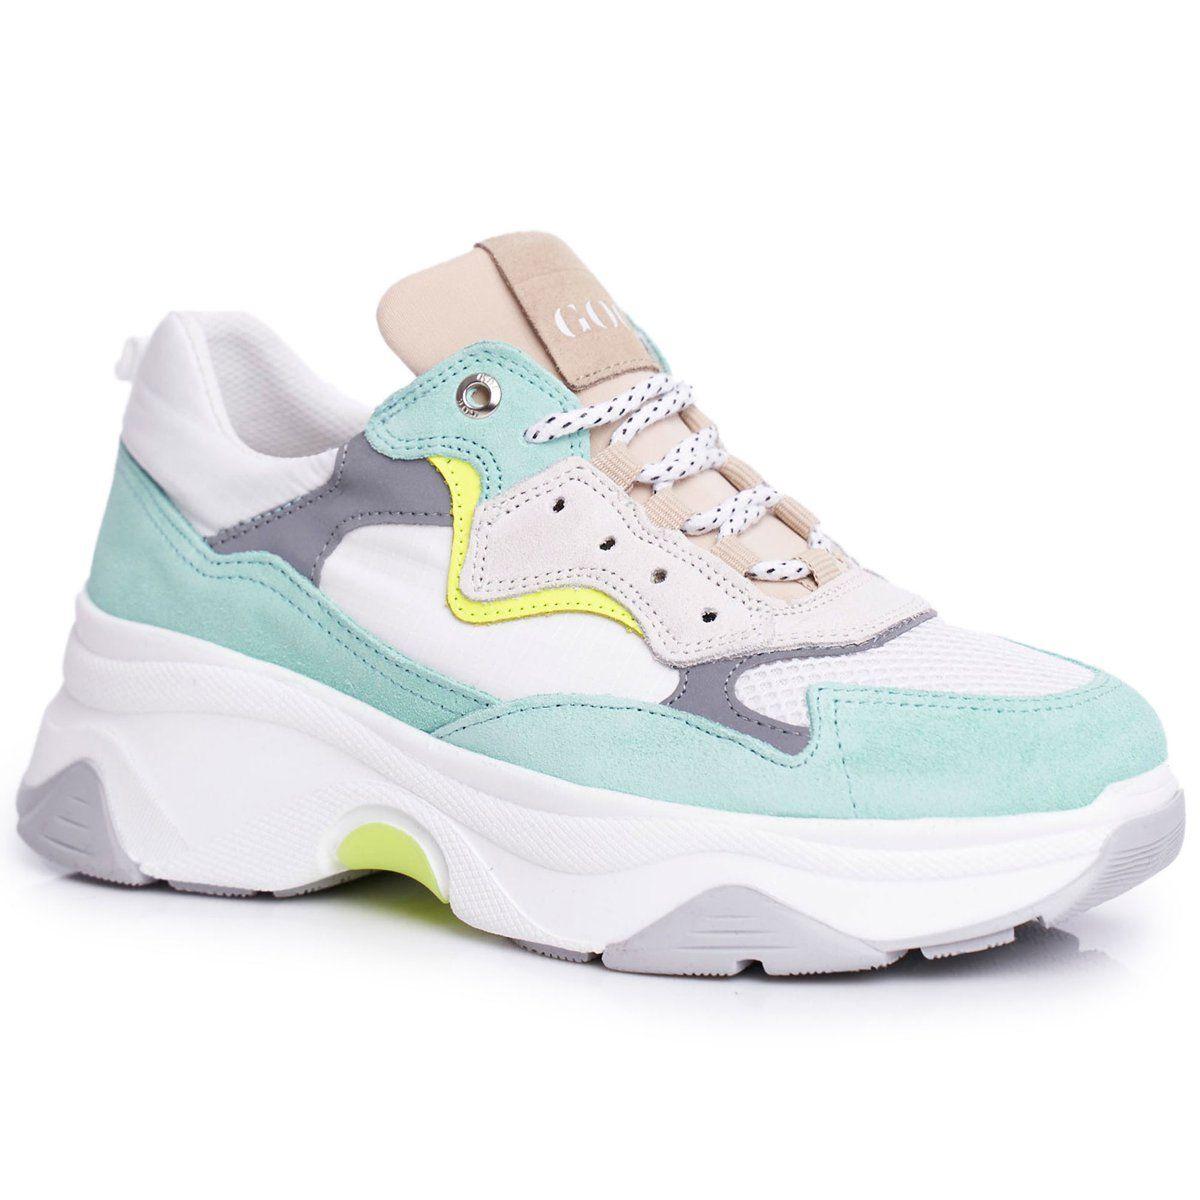 Damskie Sportowe Skorzane Obuwie Goe Bialo Mietowe Ff2n3011 Biale Zielone Sneakers Nike Sneakers Air Max Sneakers